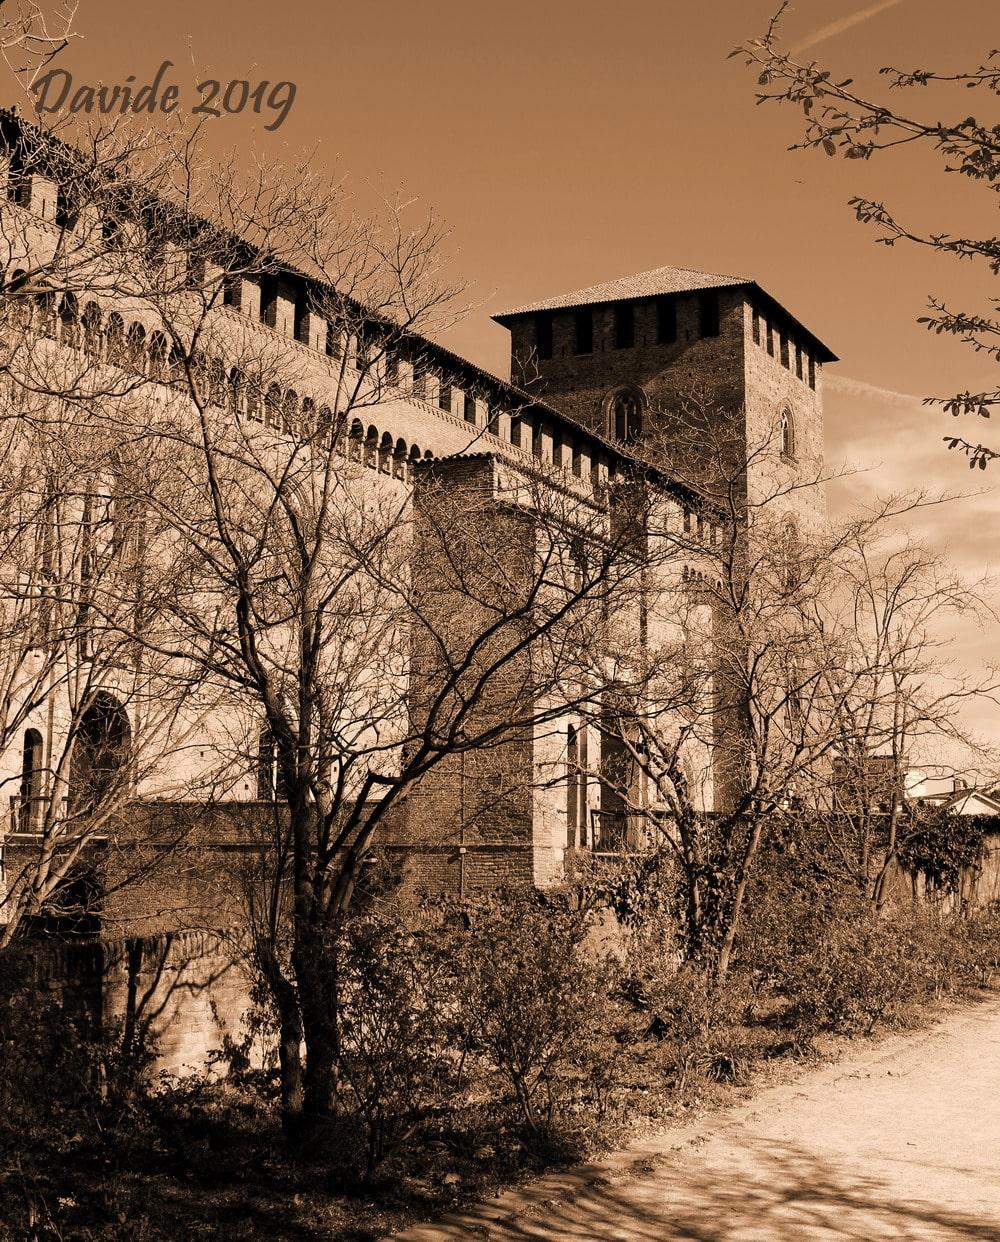 Pavia (Lombardia – Italia). Castello Visconteo: ingresso principale e fronte Sud-Ovest. Davide Tansini. 2019. Fotografia digitale